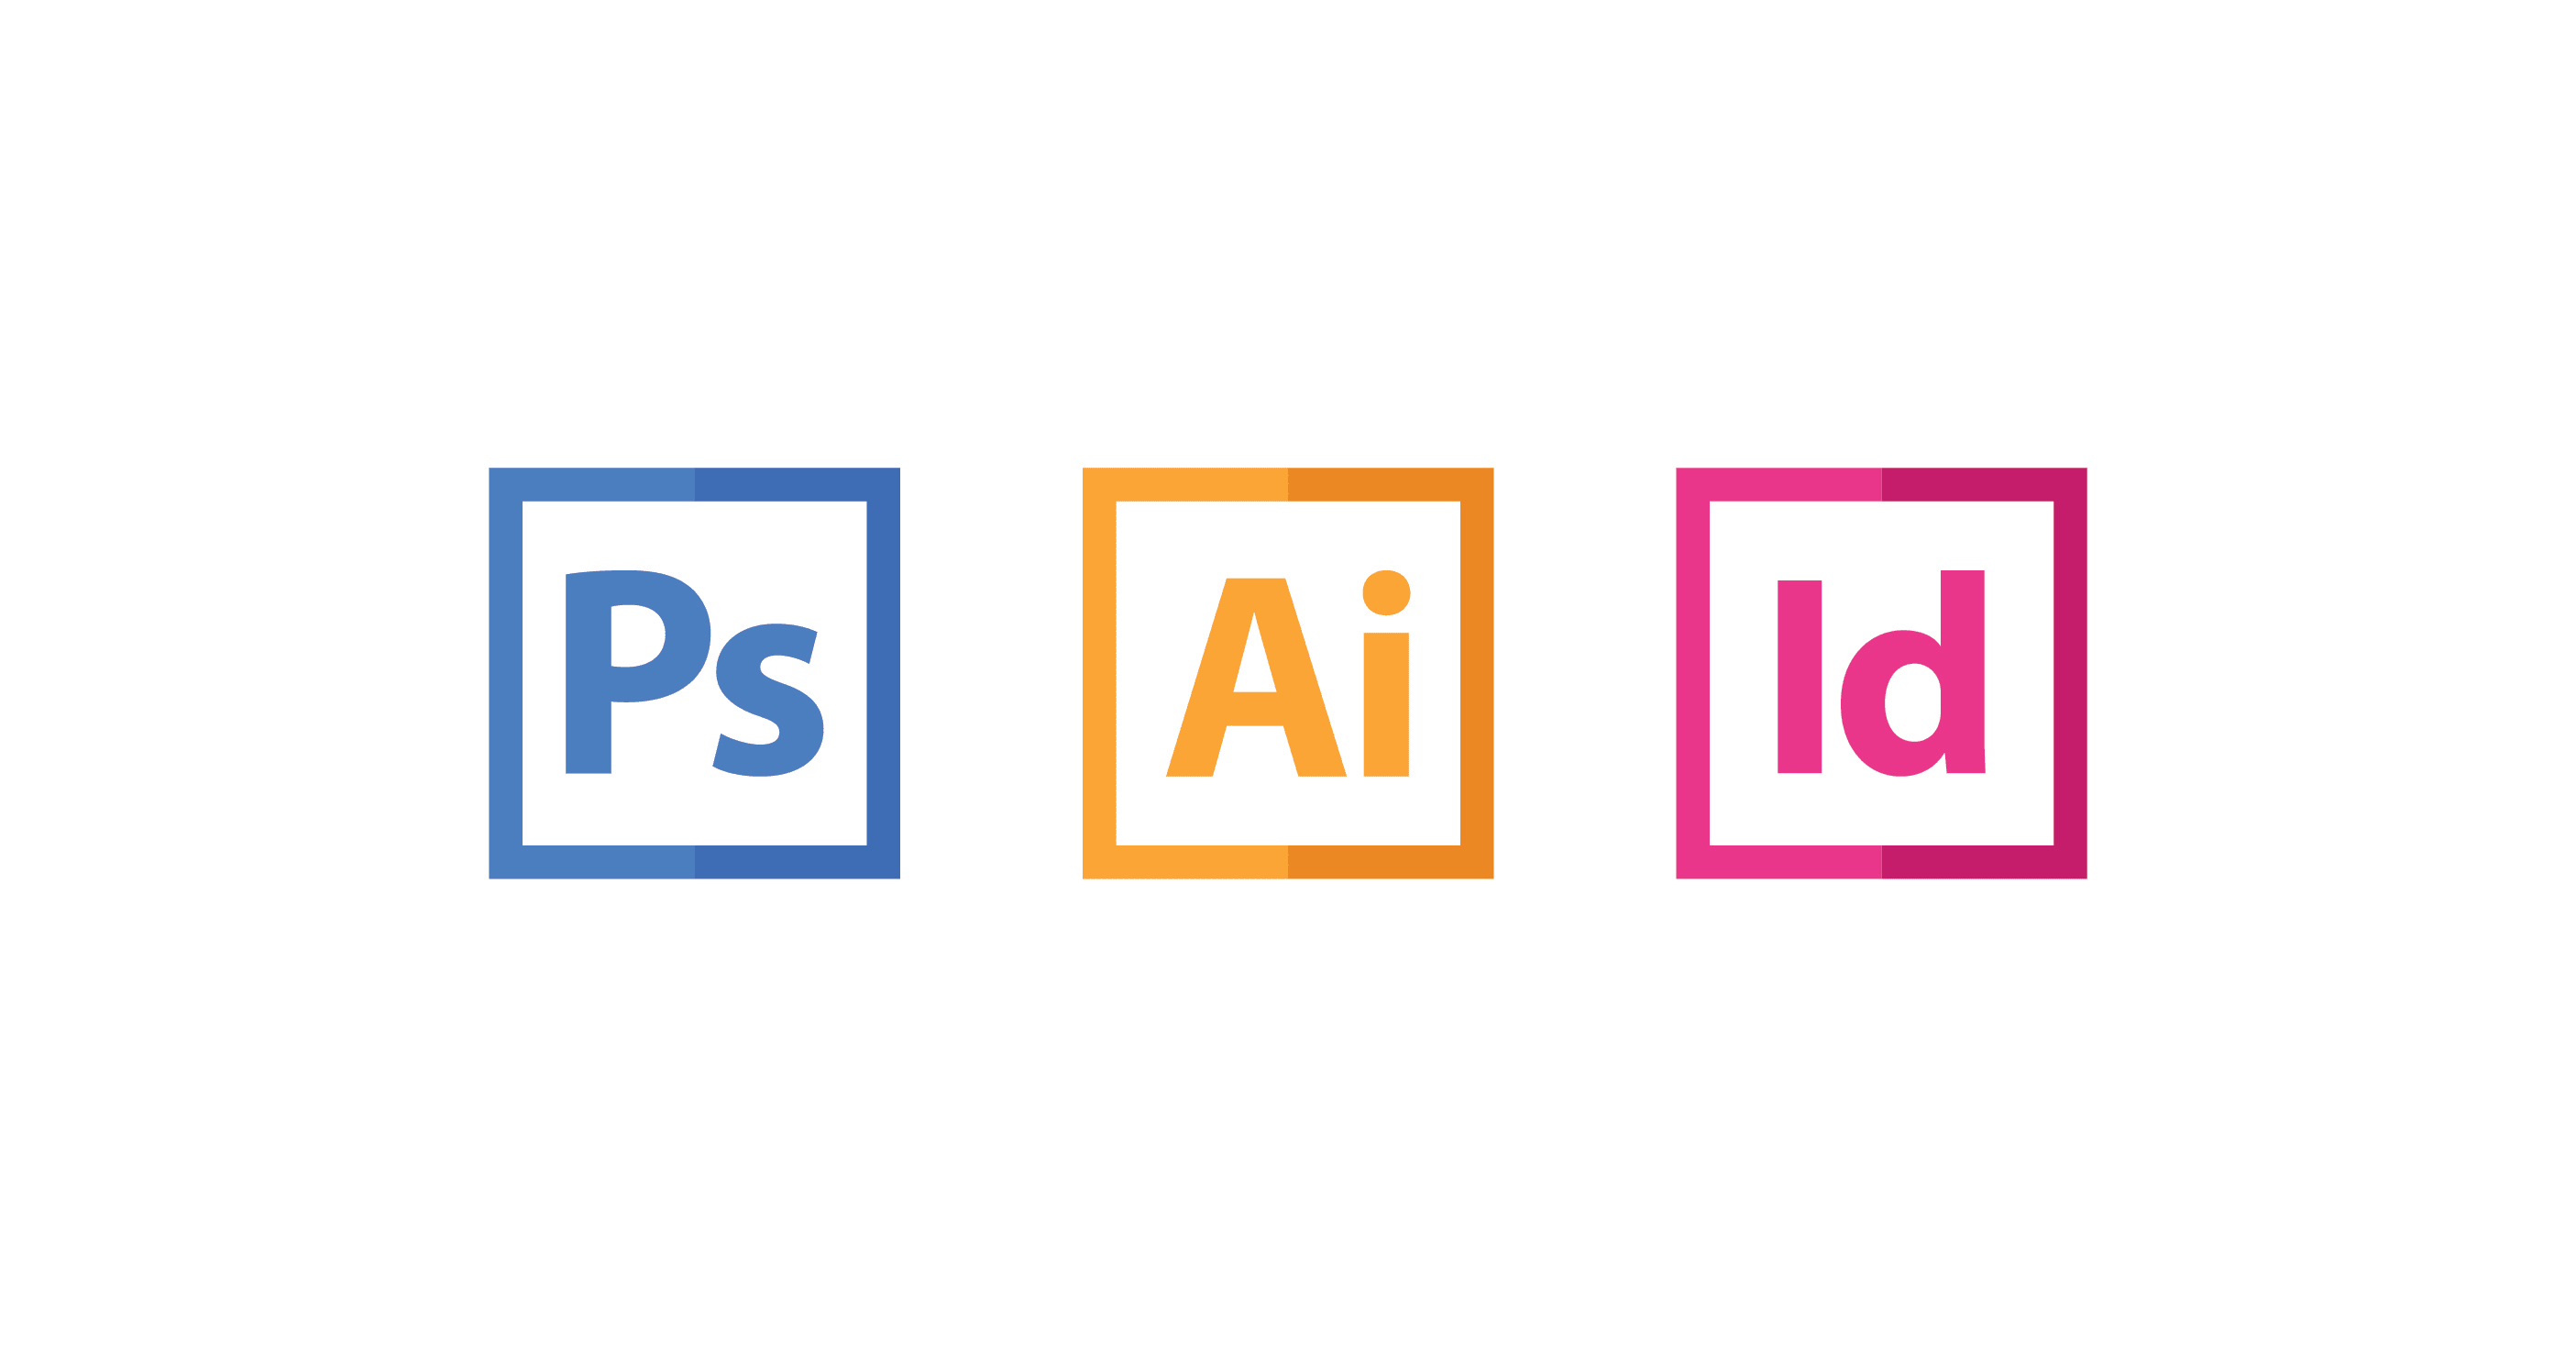 Le trio gagnant des outils de la suite Adobe à utiliser pour concevoir une charte graphique